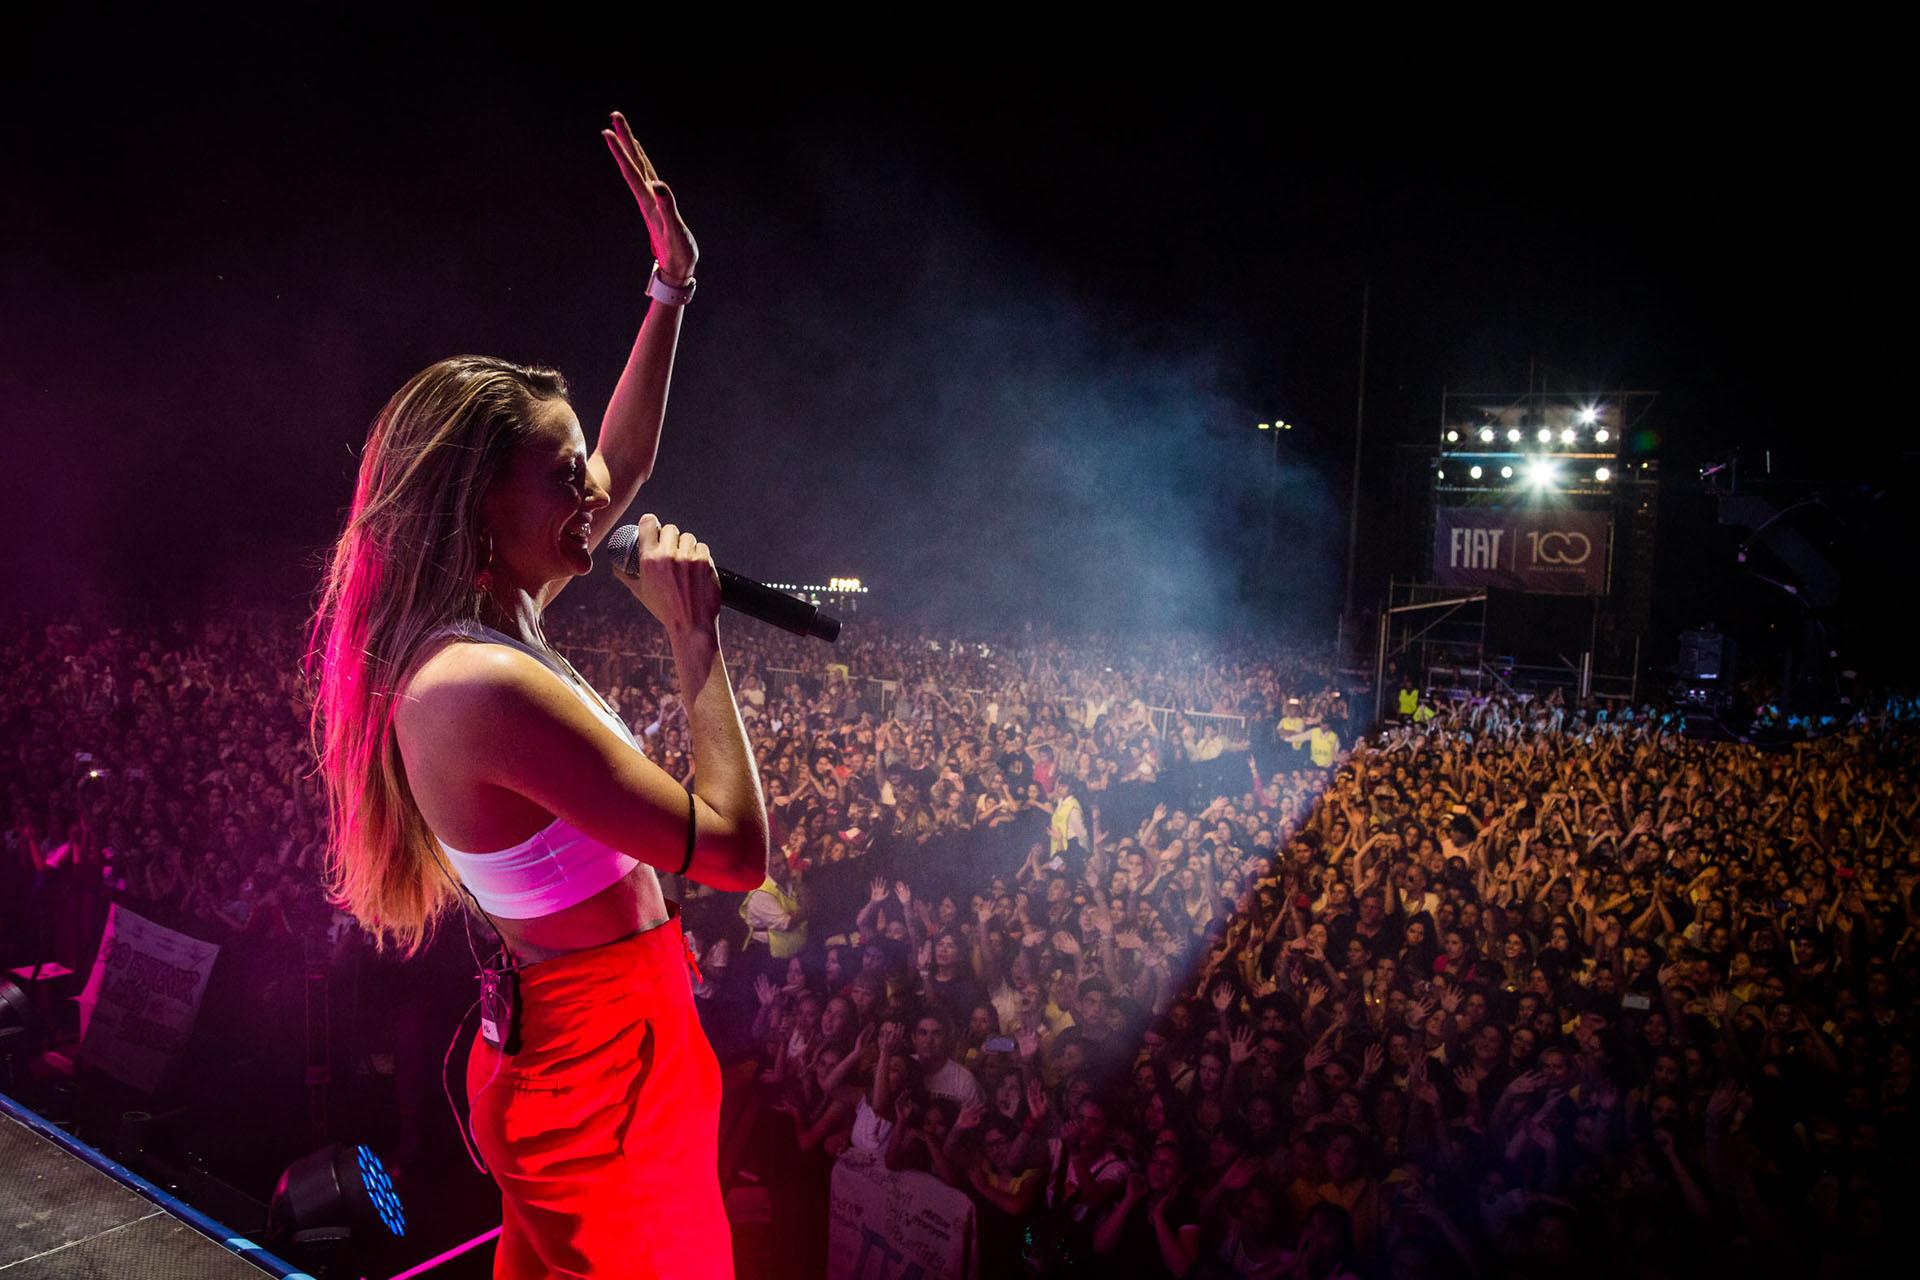 La banda, nacida en La Plata, mostró sus más de 8 años de trayectoria con un sonido festivo que nadie pudo dejar de bailar